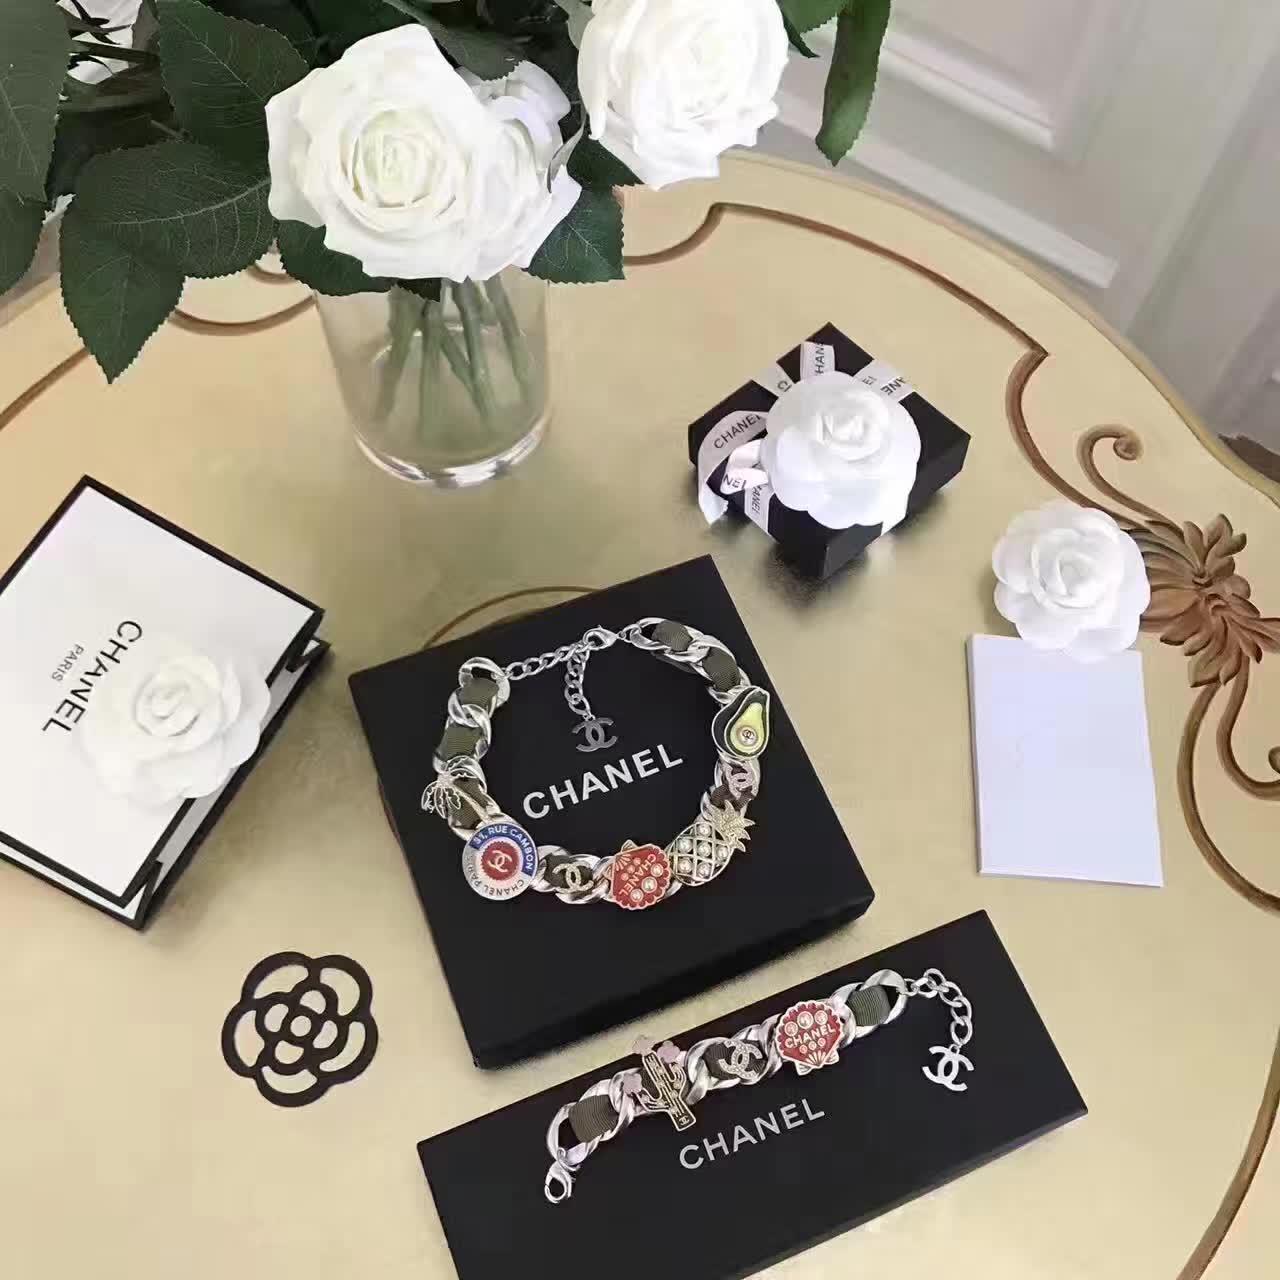 デザイナーのシャネル/Chanelからこの宝石. Number89993